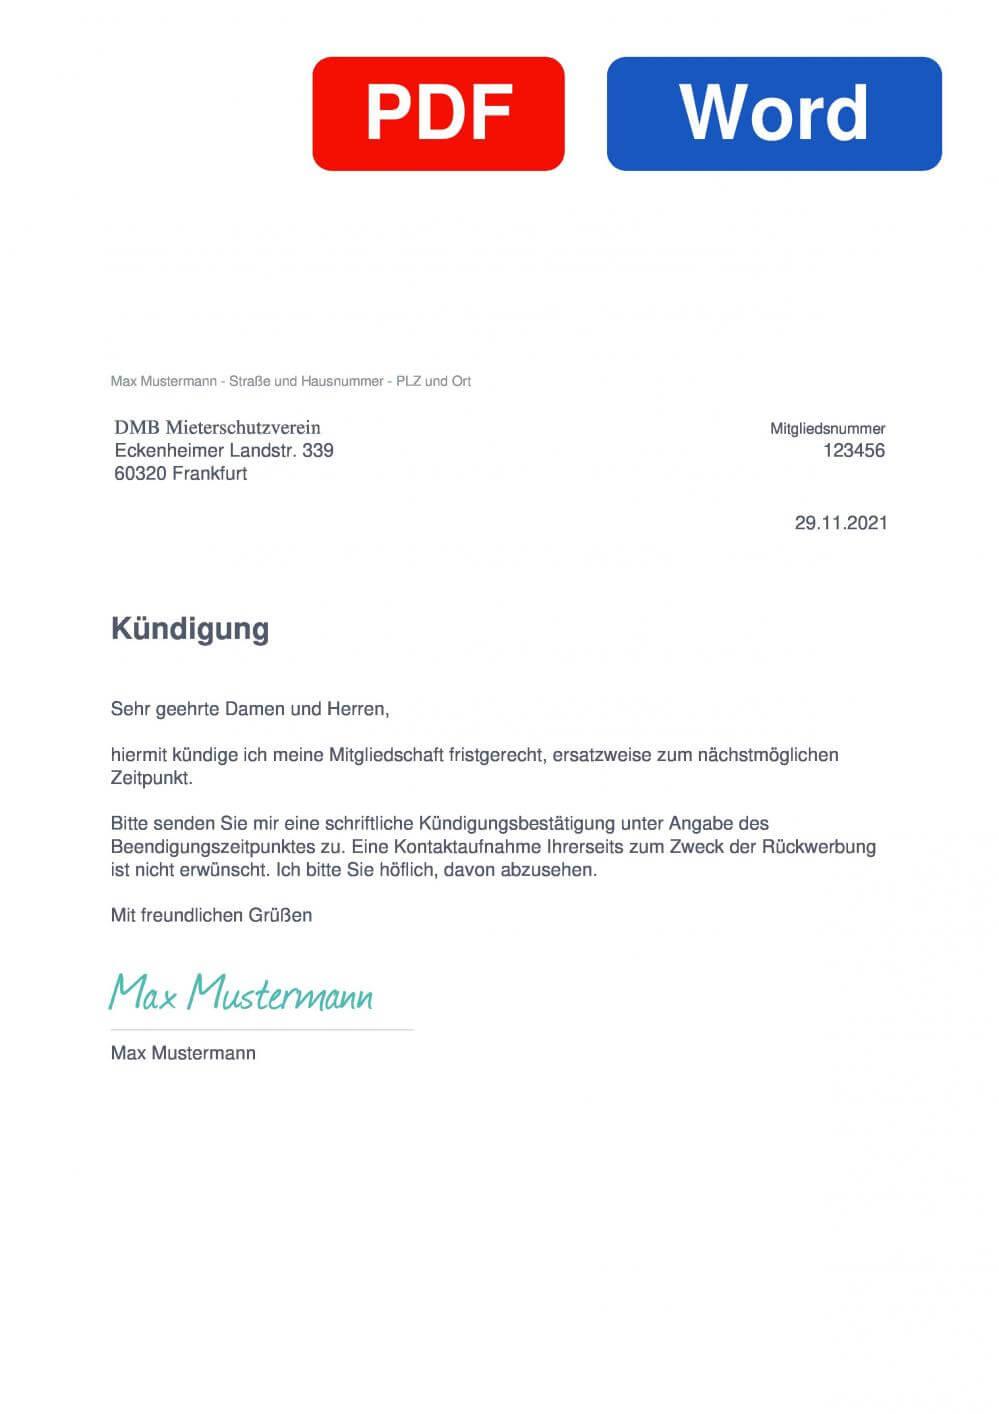 Mieterschutzverein Muster Vorlage für Kündigungsschreiben